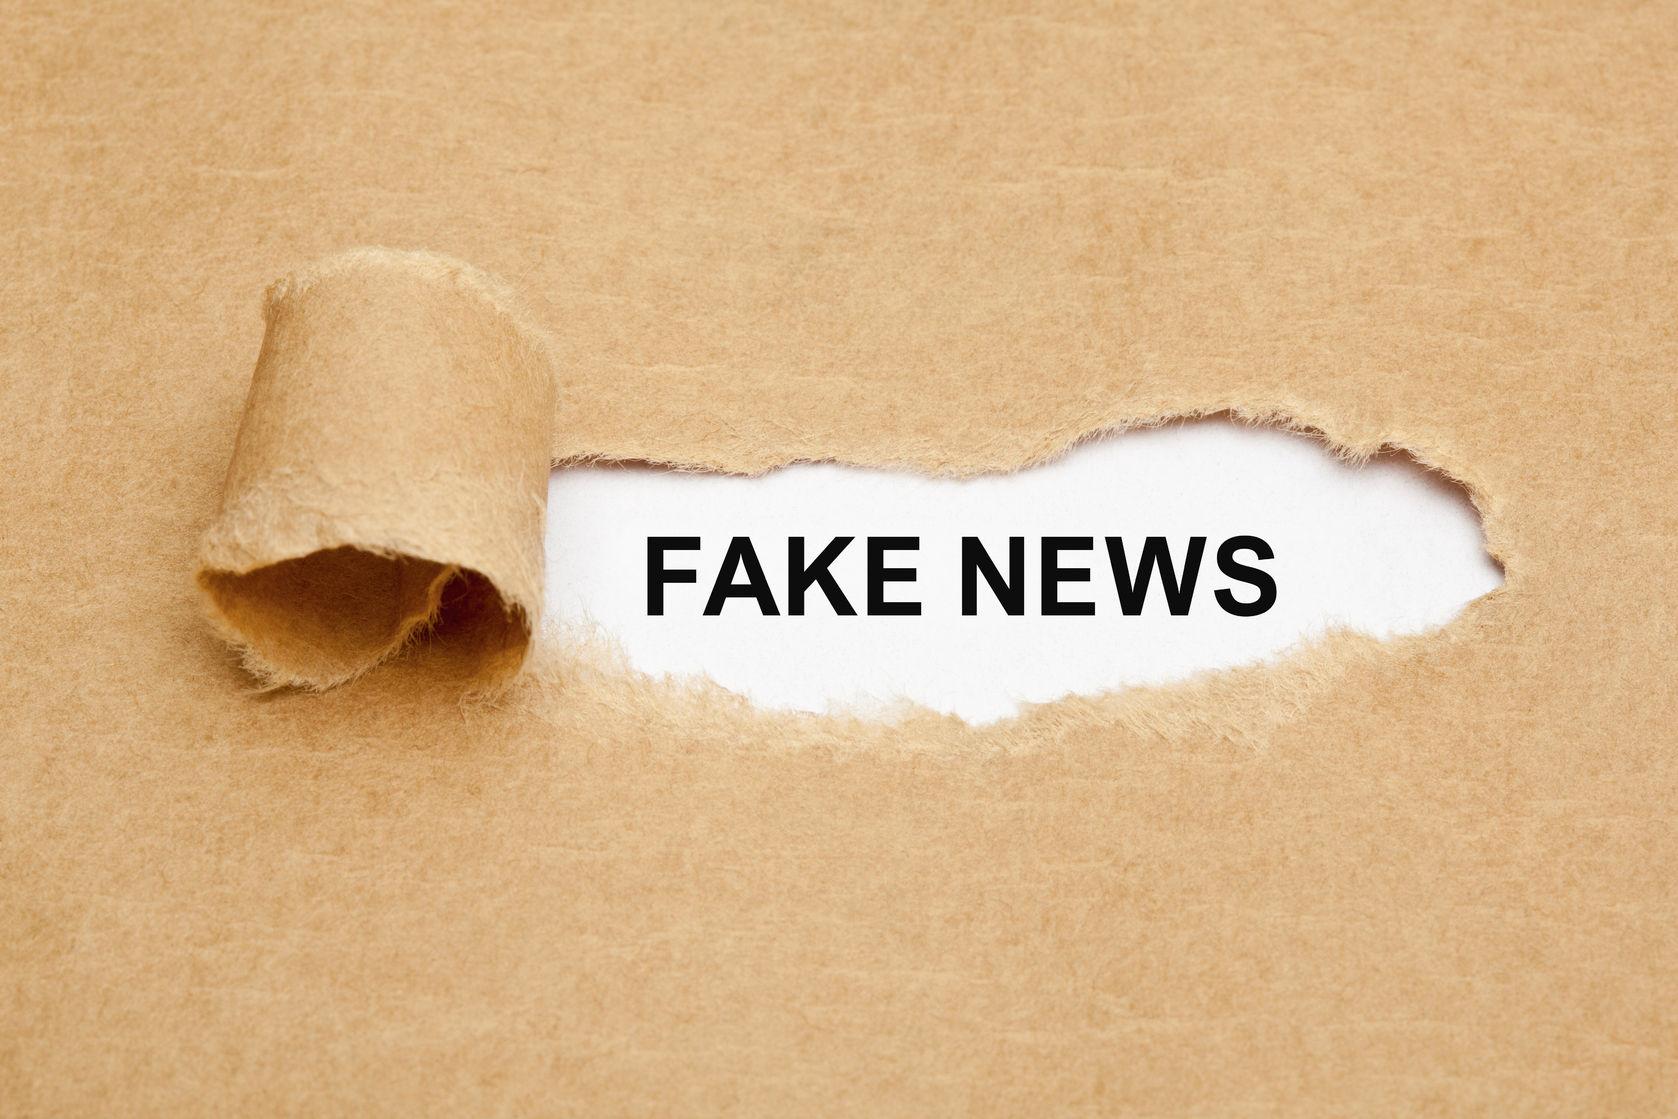 Anglicismos difíciles de traducir: «crush», «fake news» y más